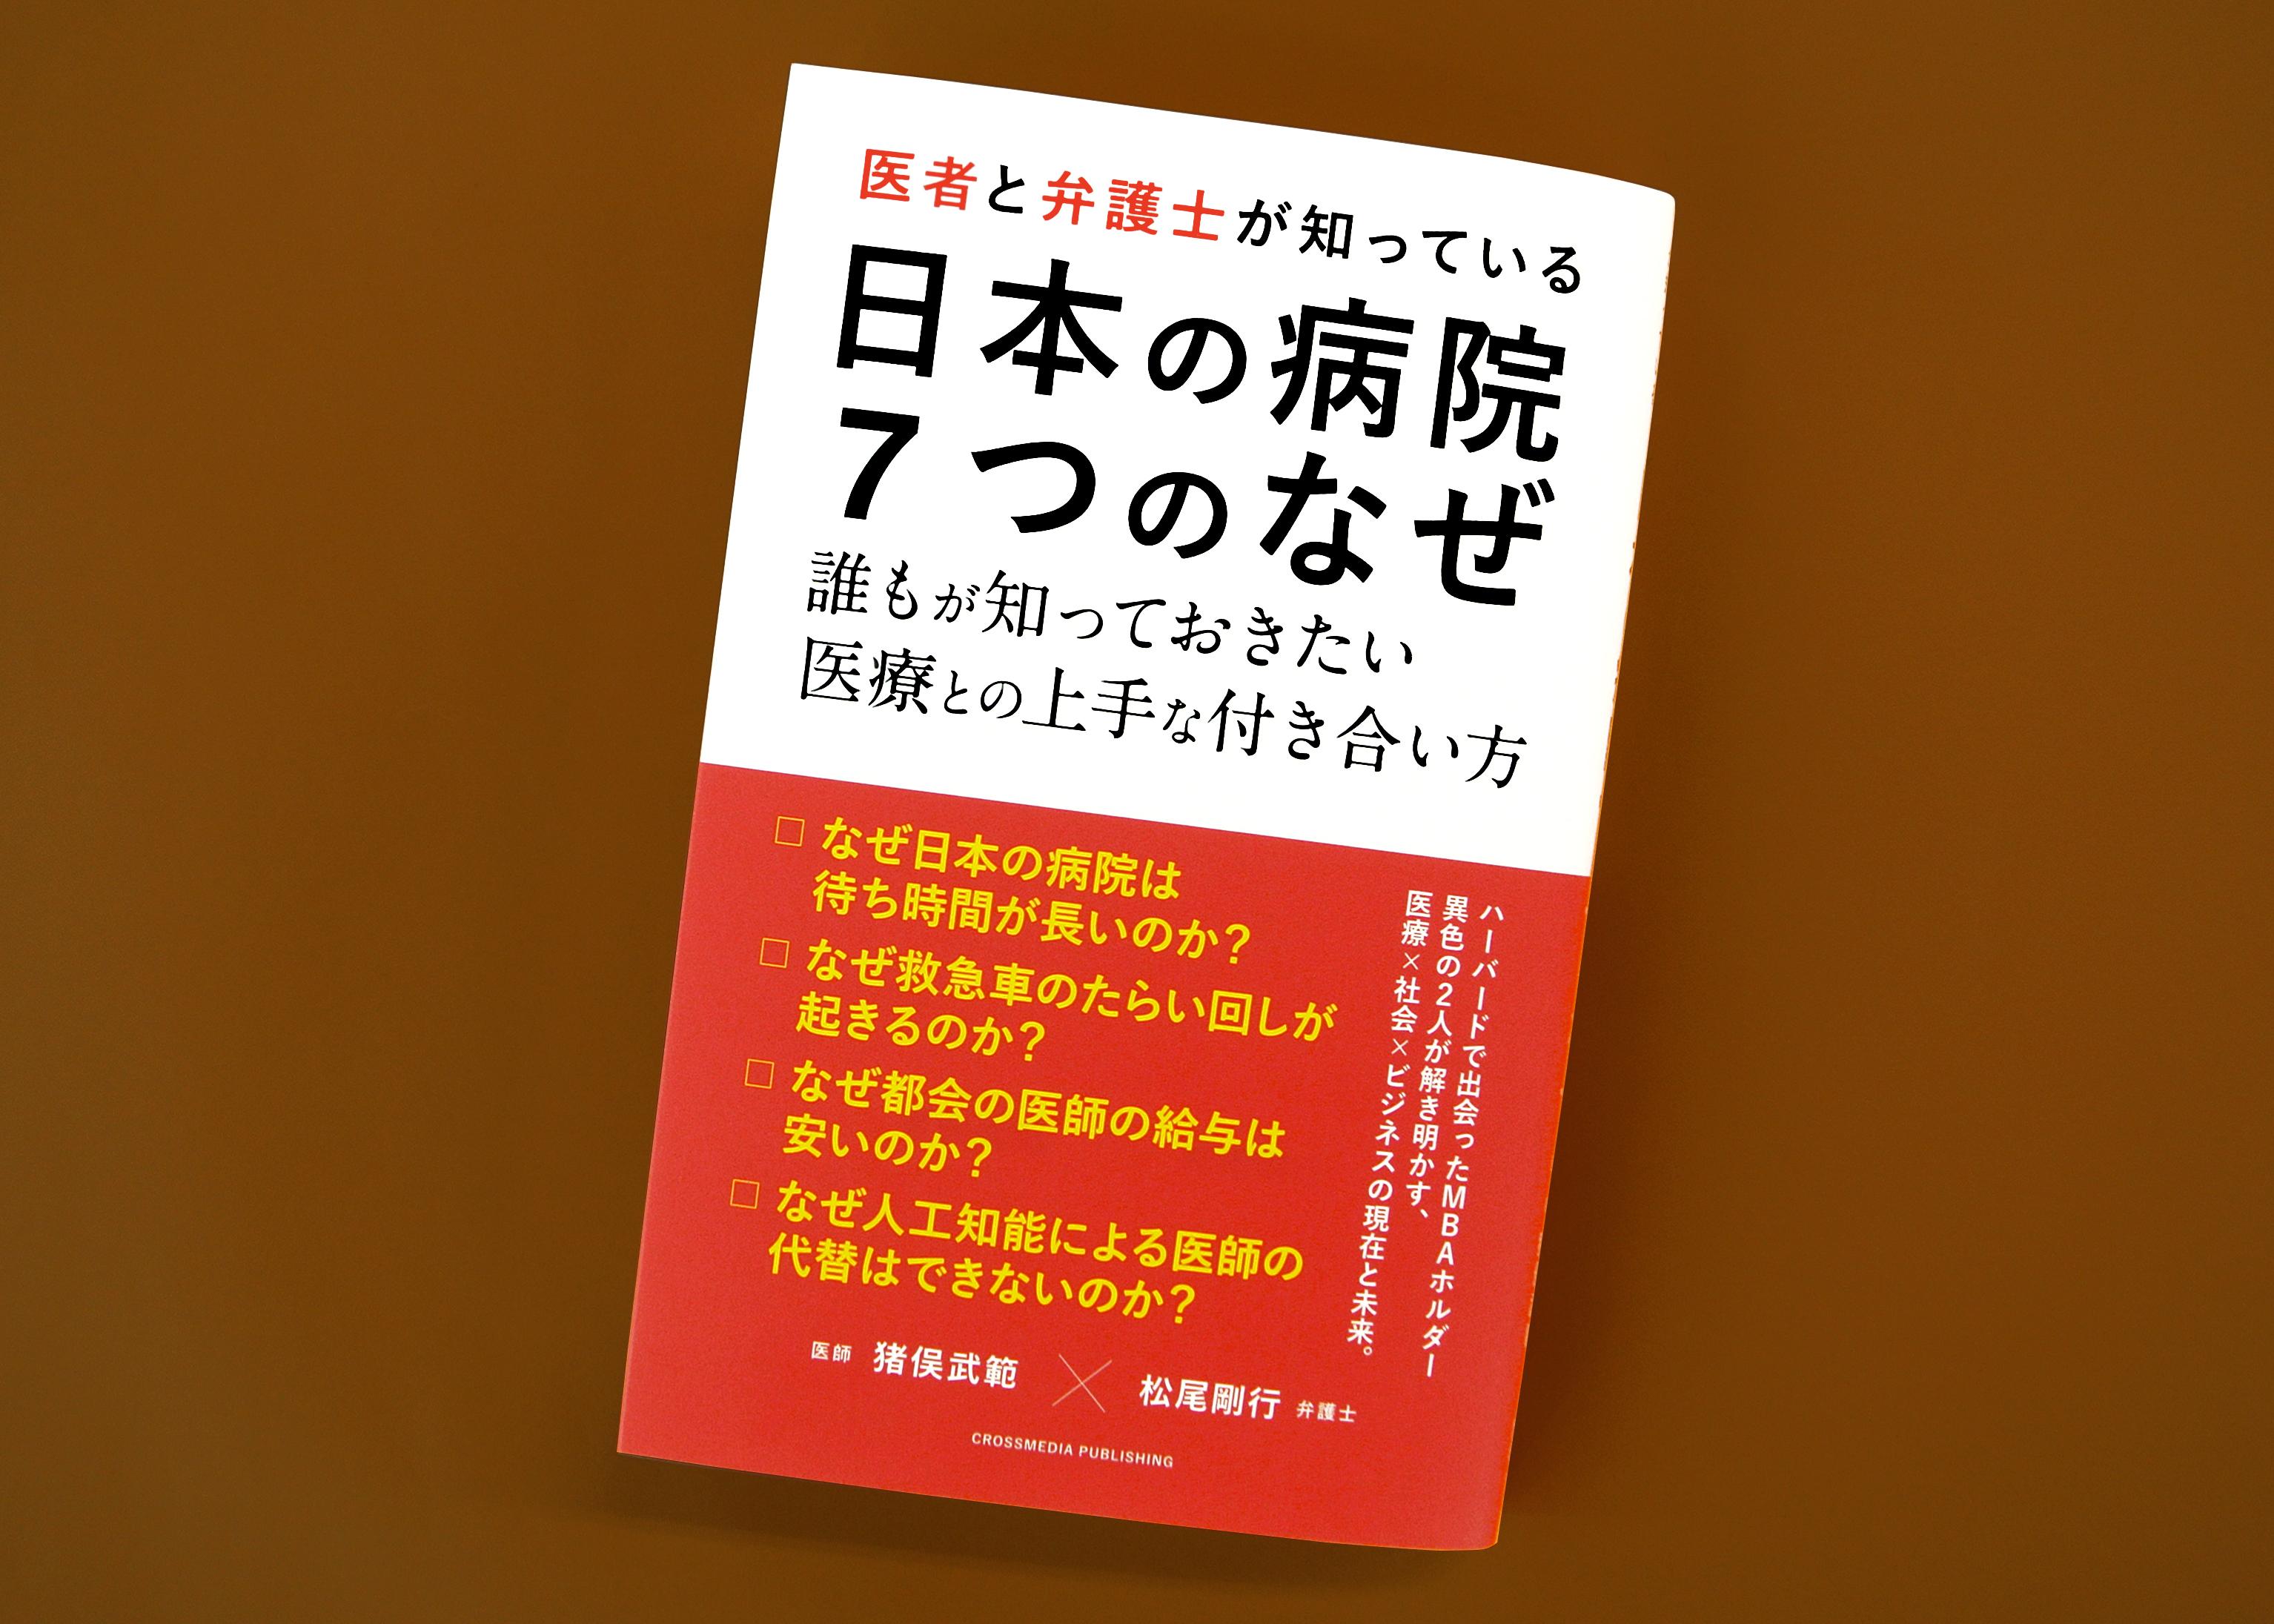 医者と弁護士が知っている 日本の病院 7つのなぜ